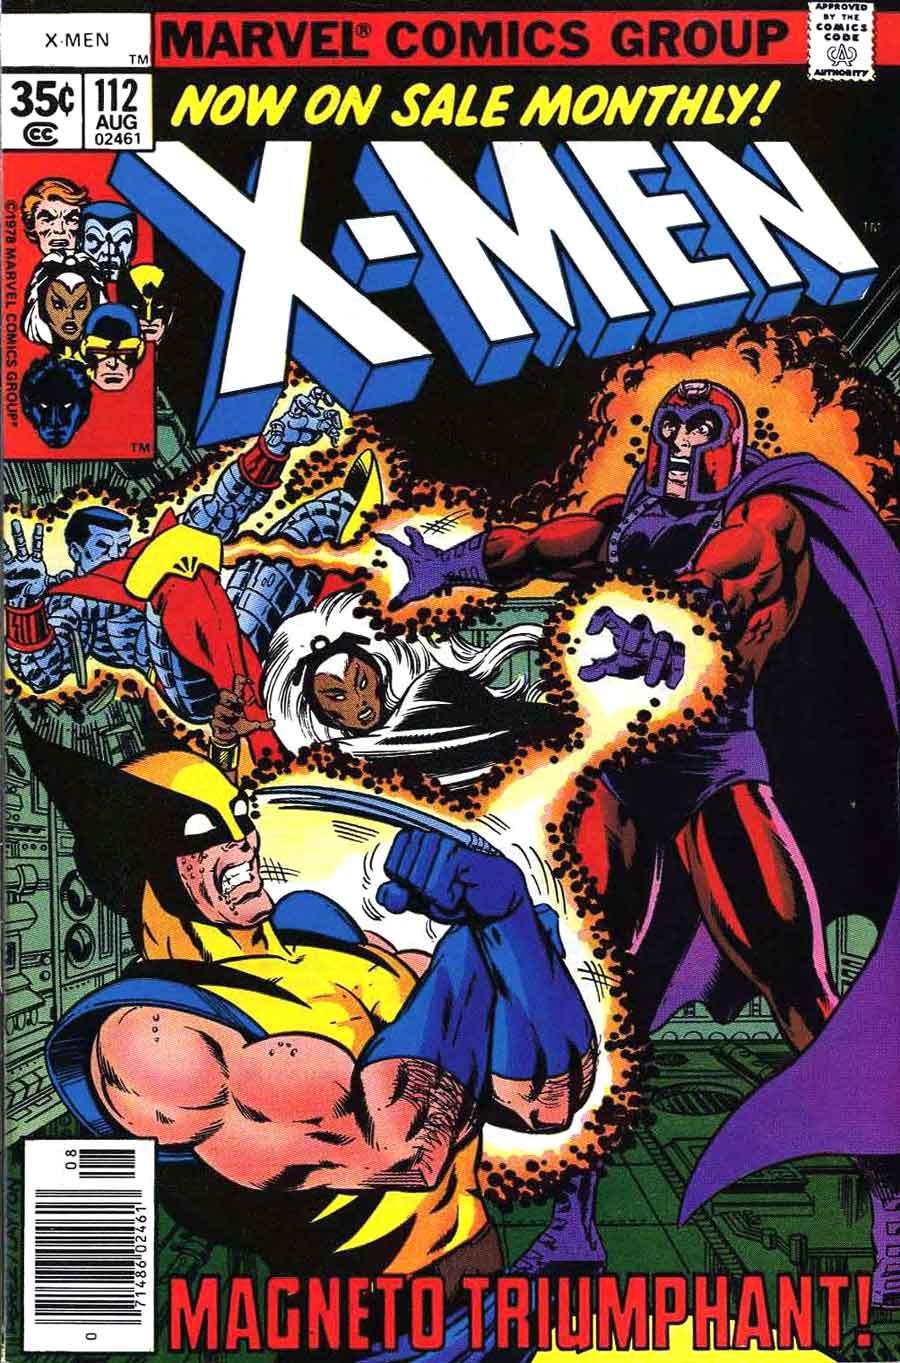 X-men v1 #112 marvel comic book cover art by John Byrne